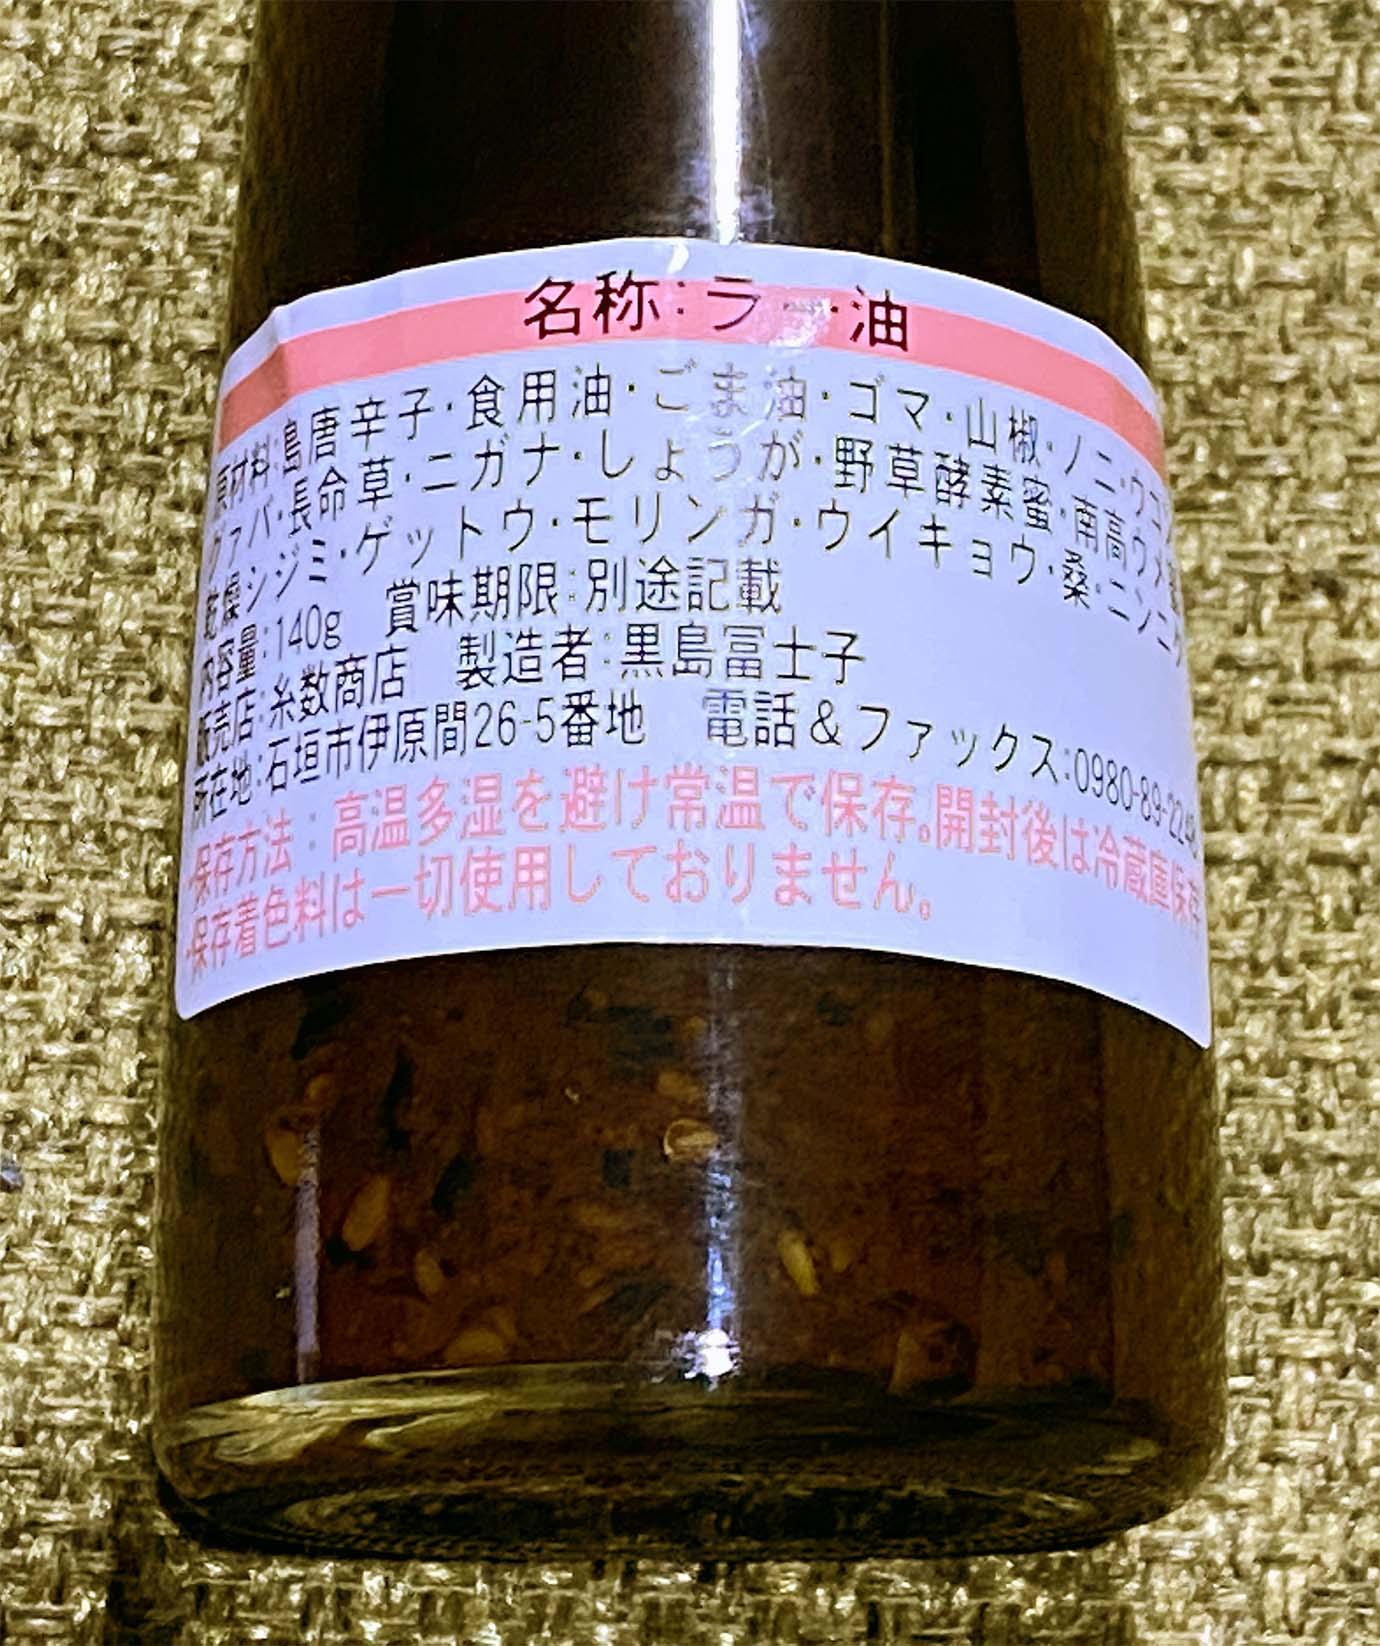 rayu-ishigaki